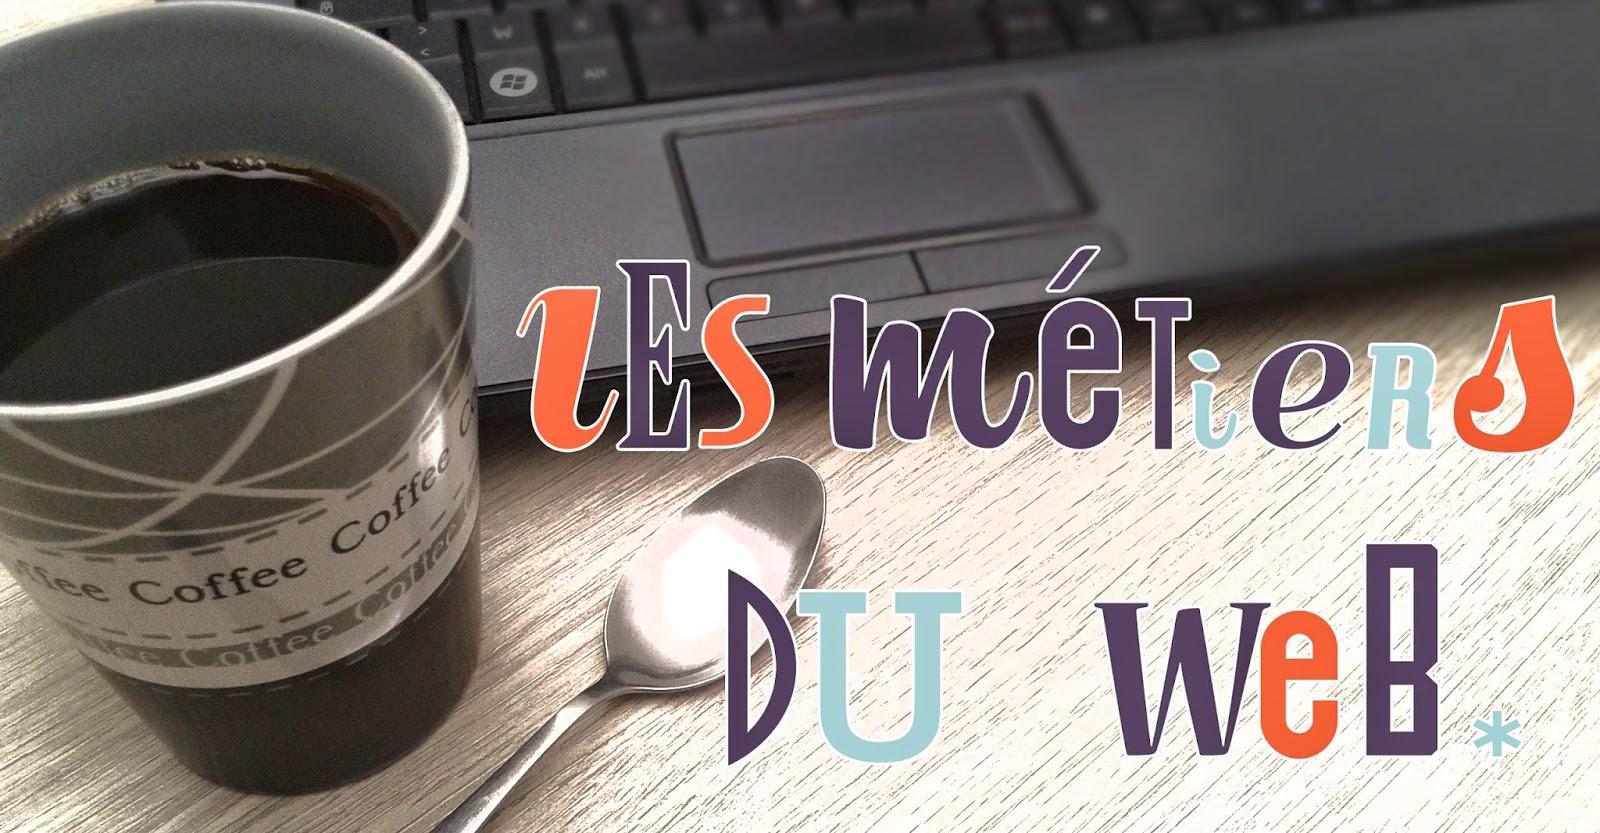 Les métiers du Web sur Conseils et Astuces du Web.